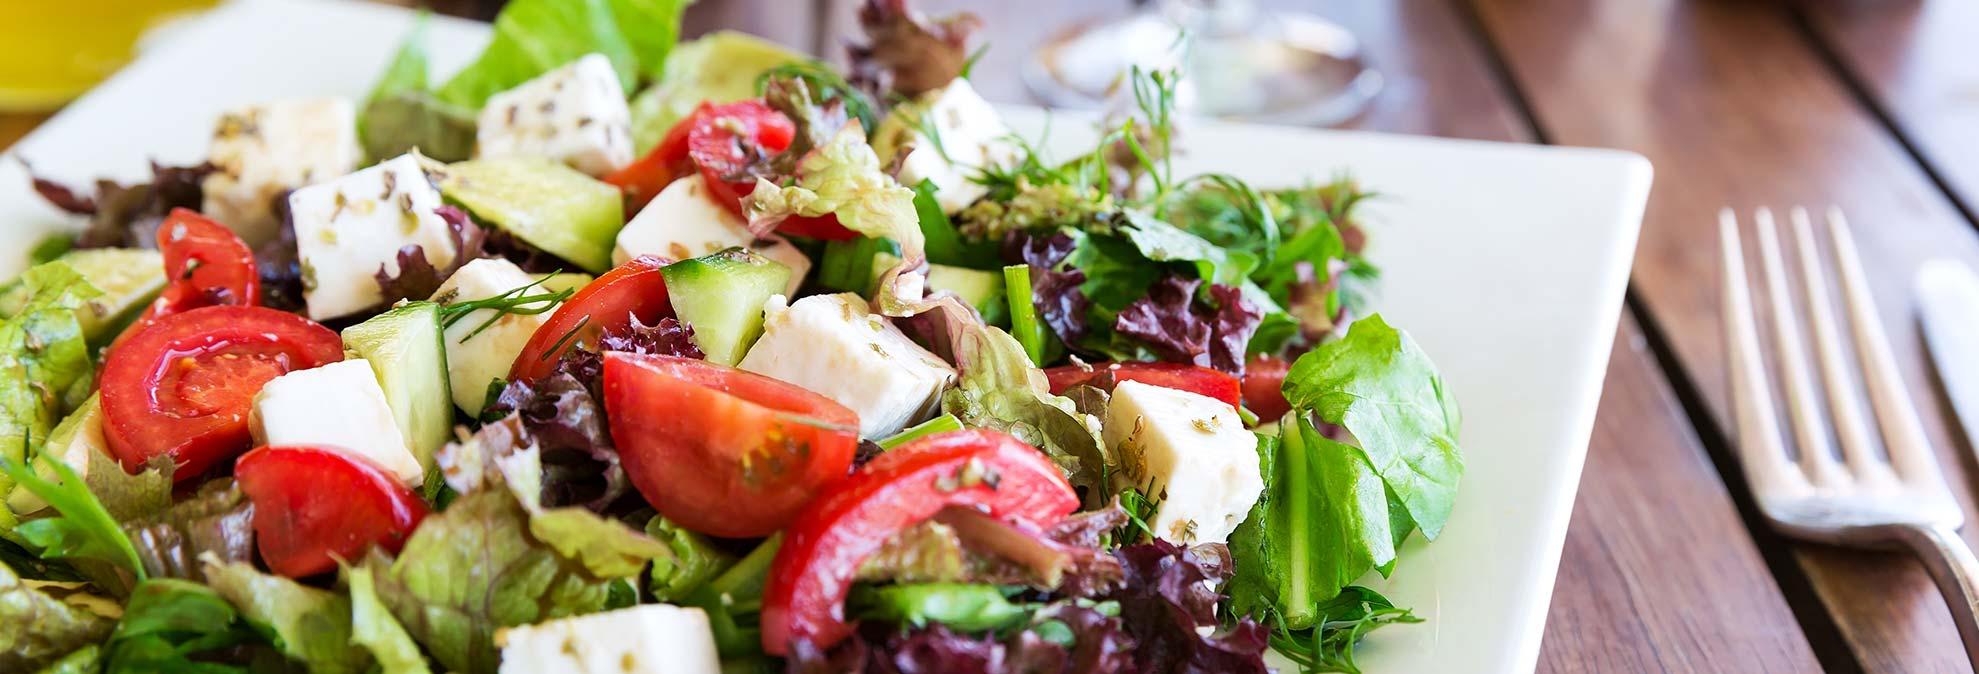 Scandinavian diet for weight loss: menu, reviews 100